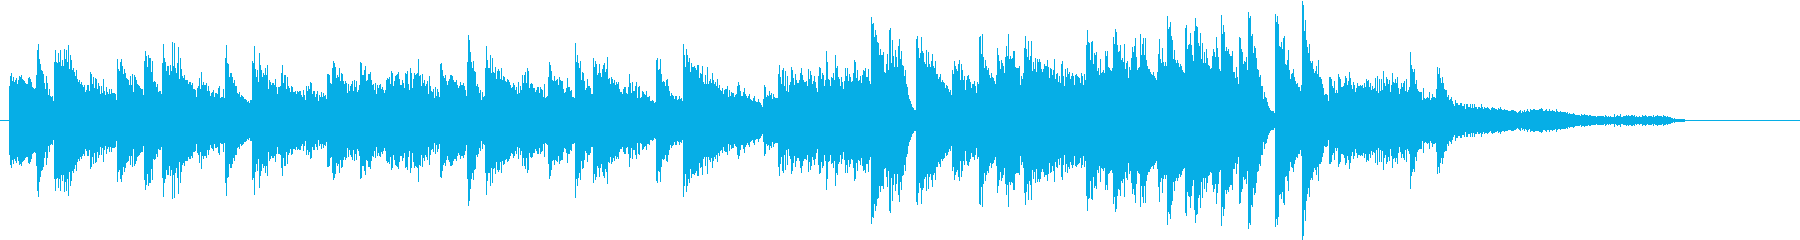 ウインターワンダーランドピアノジングルEの再生済みの波形